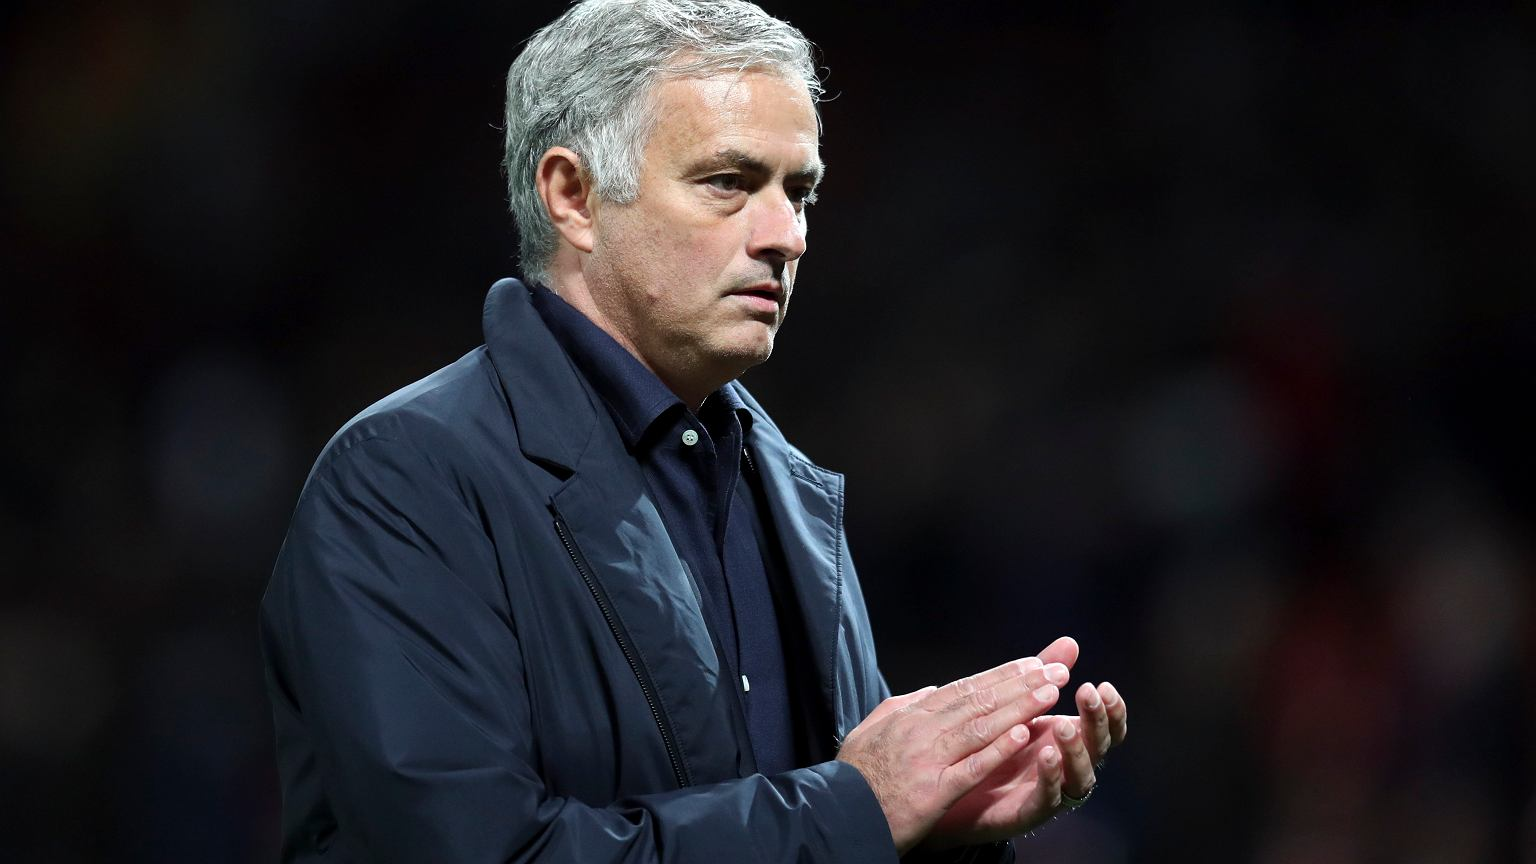 Manchester United - Tottenham, czyli Mourinho kontra były klub! Gdzie obejrzeć transmisję meczu? TV, stream online, na żywo, 04.12 Piłka nożna - Sport.pl